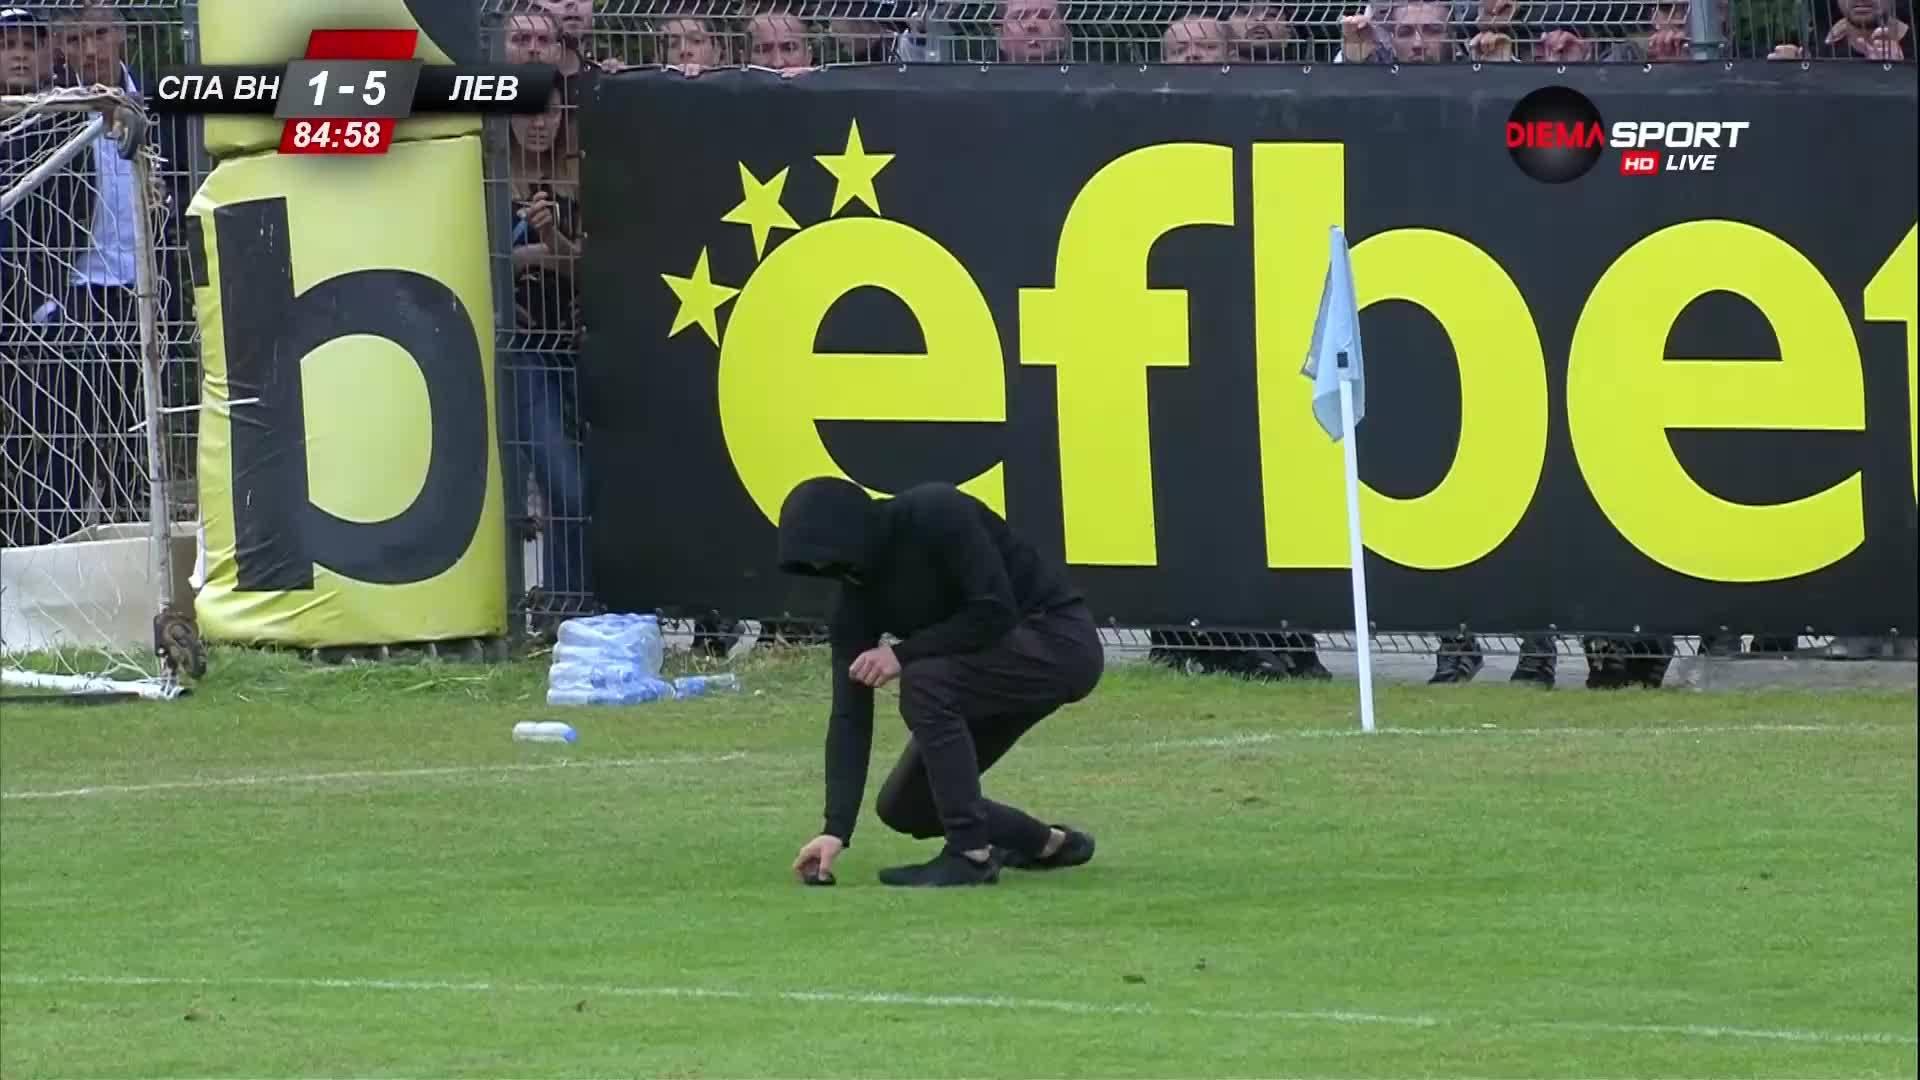 Ново 20 от агитката на Левски: Фен изтича и прибра предмет от терена